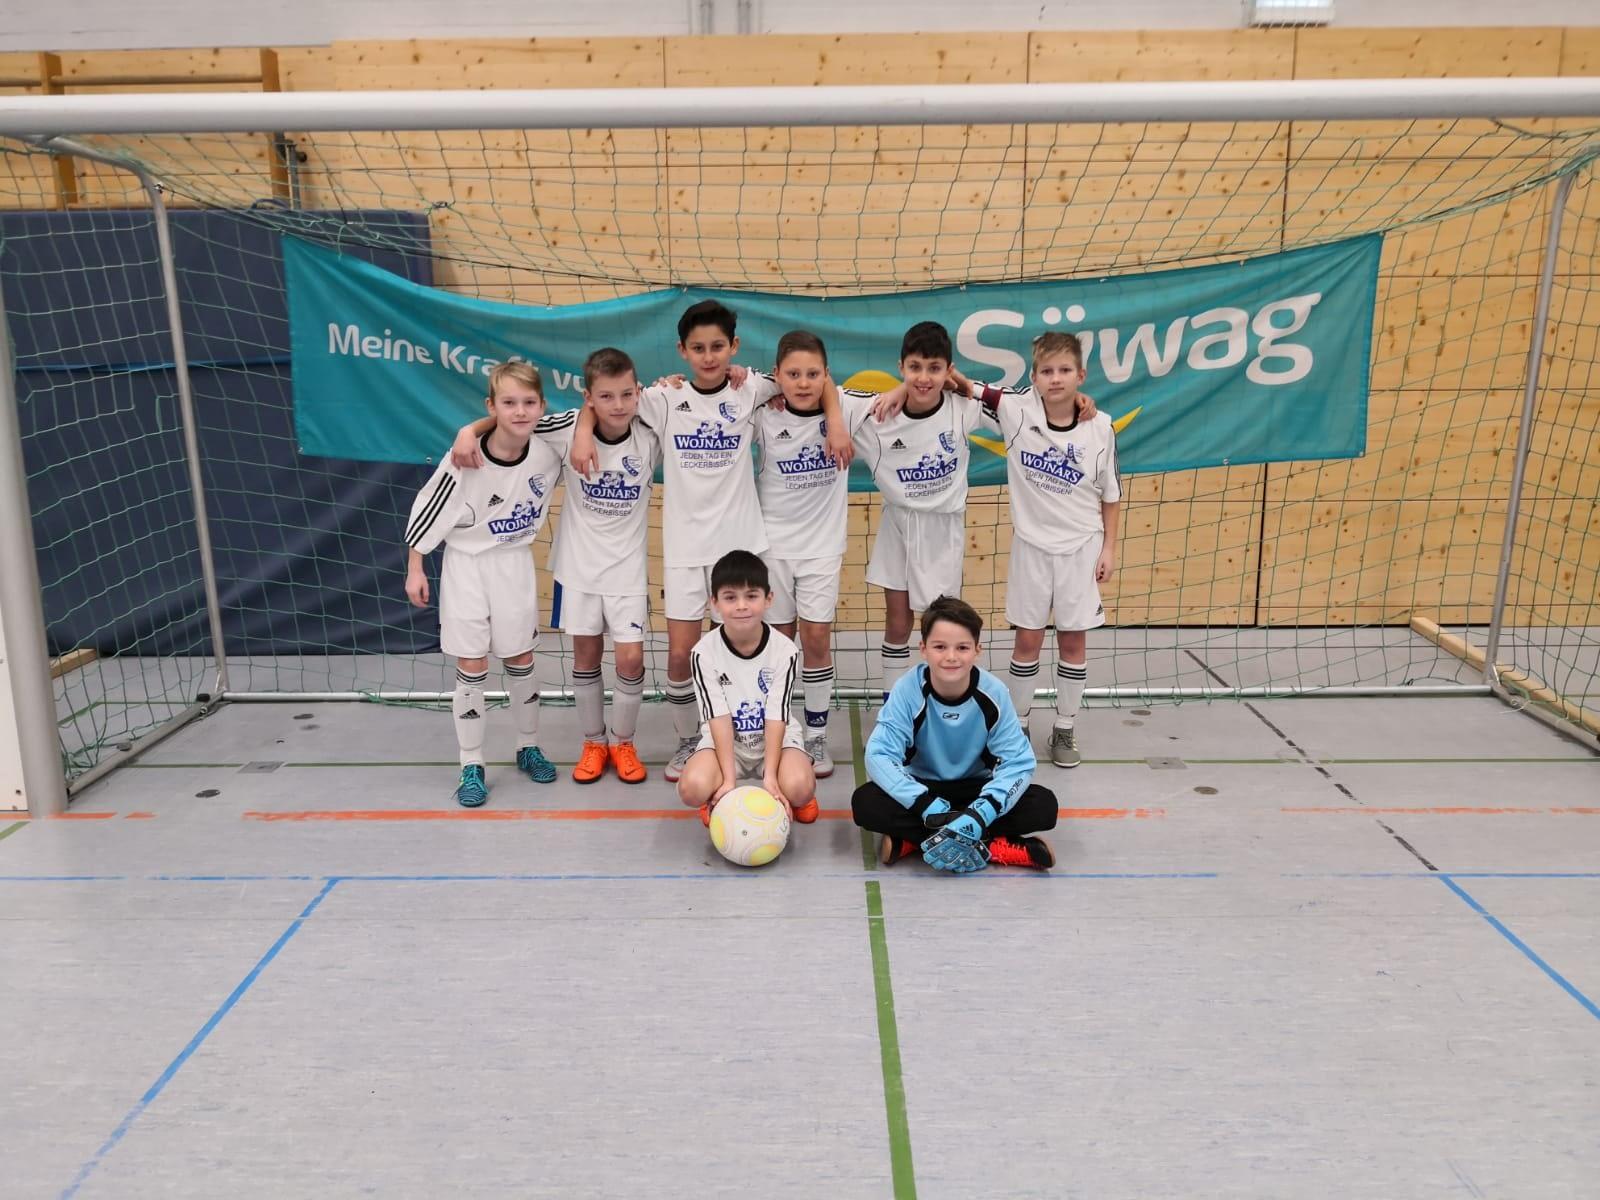 E-Junioren U11 - Spvgg EGC Wirges - Süwag Hallencup 2020